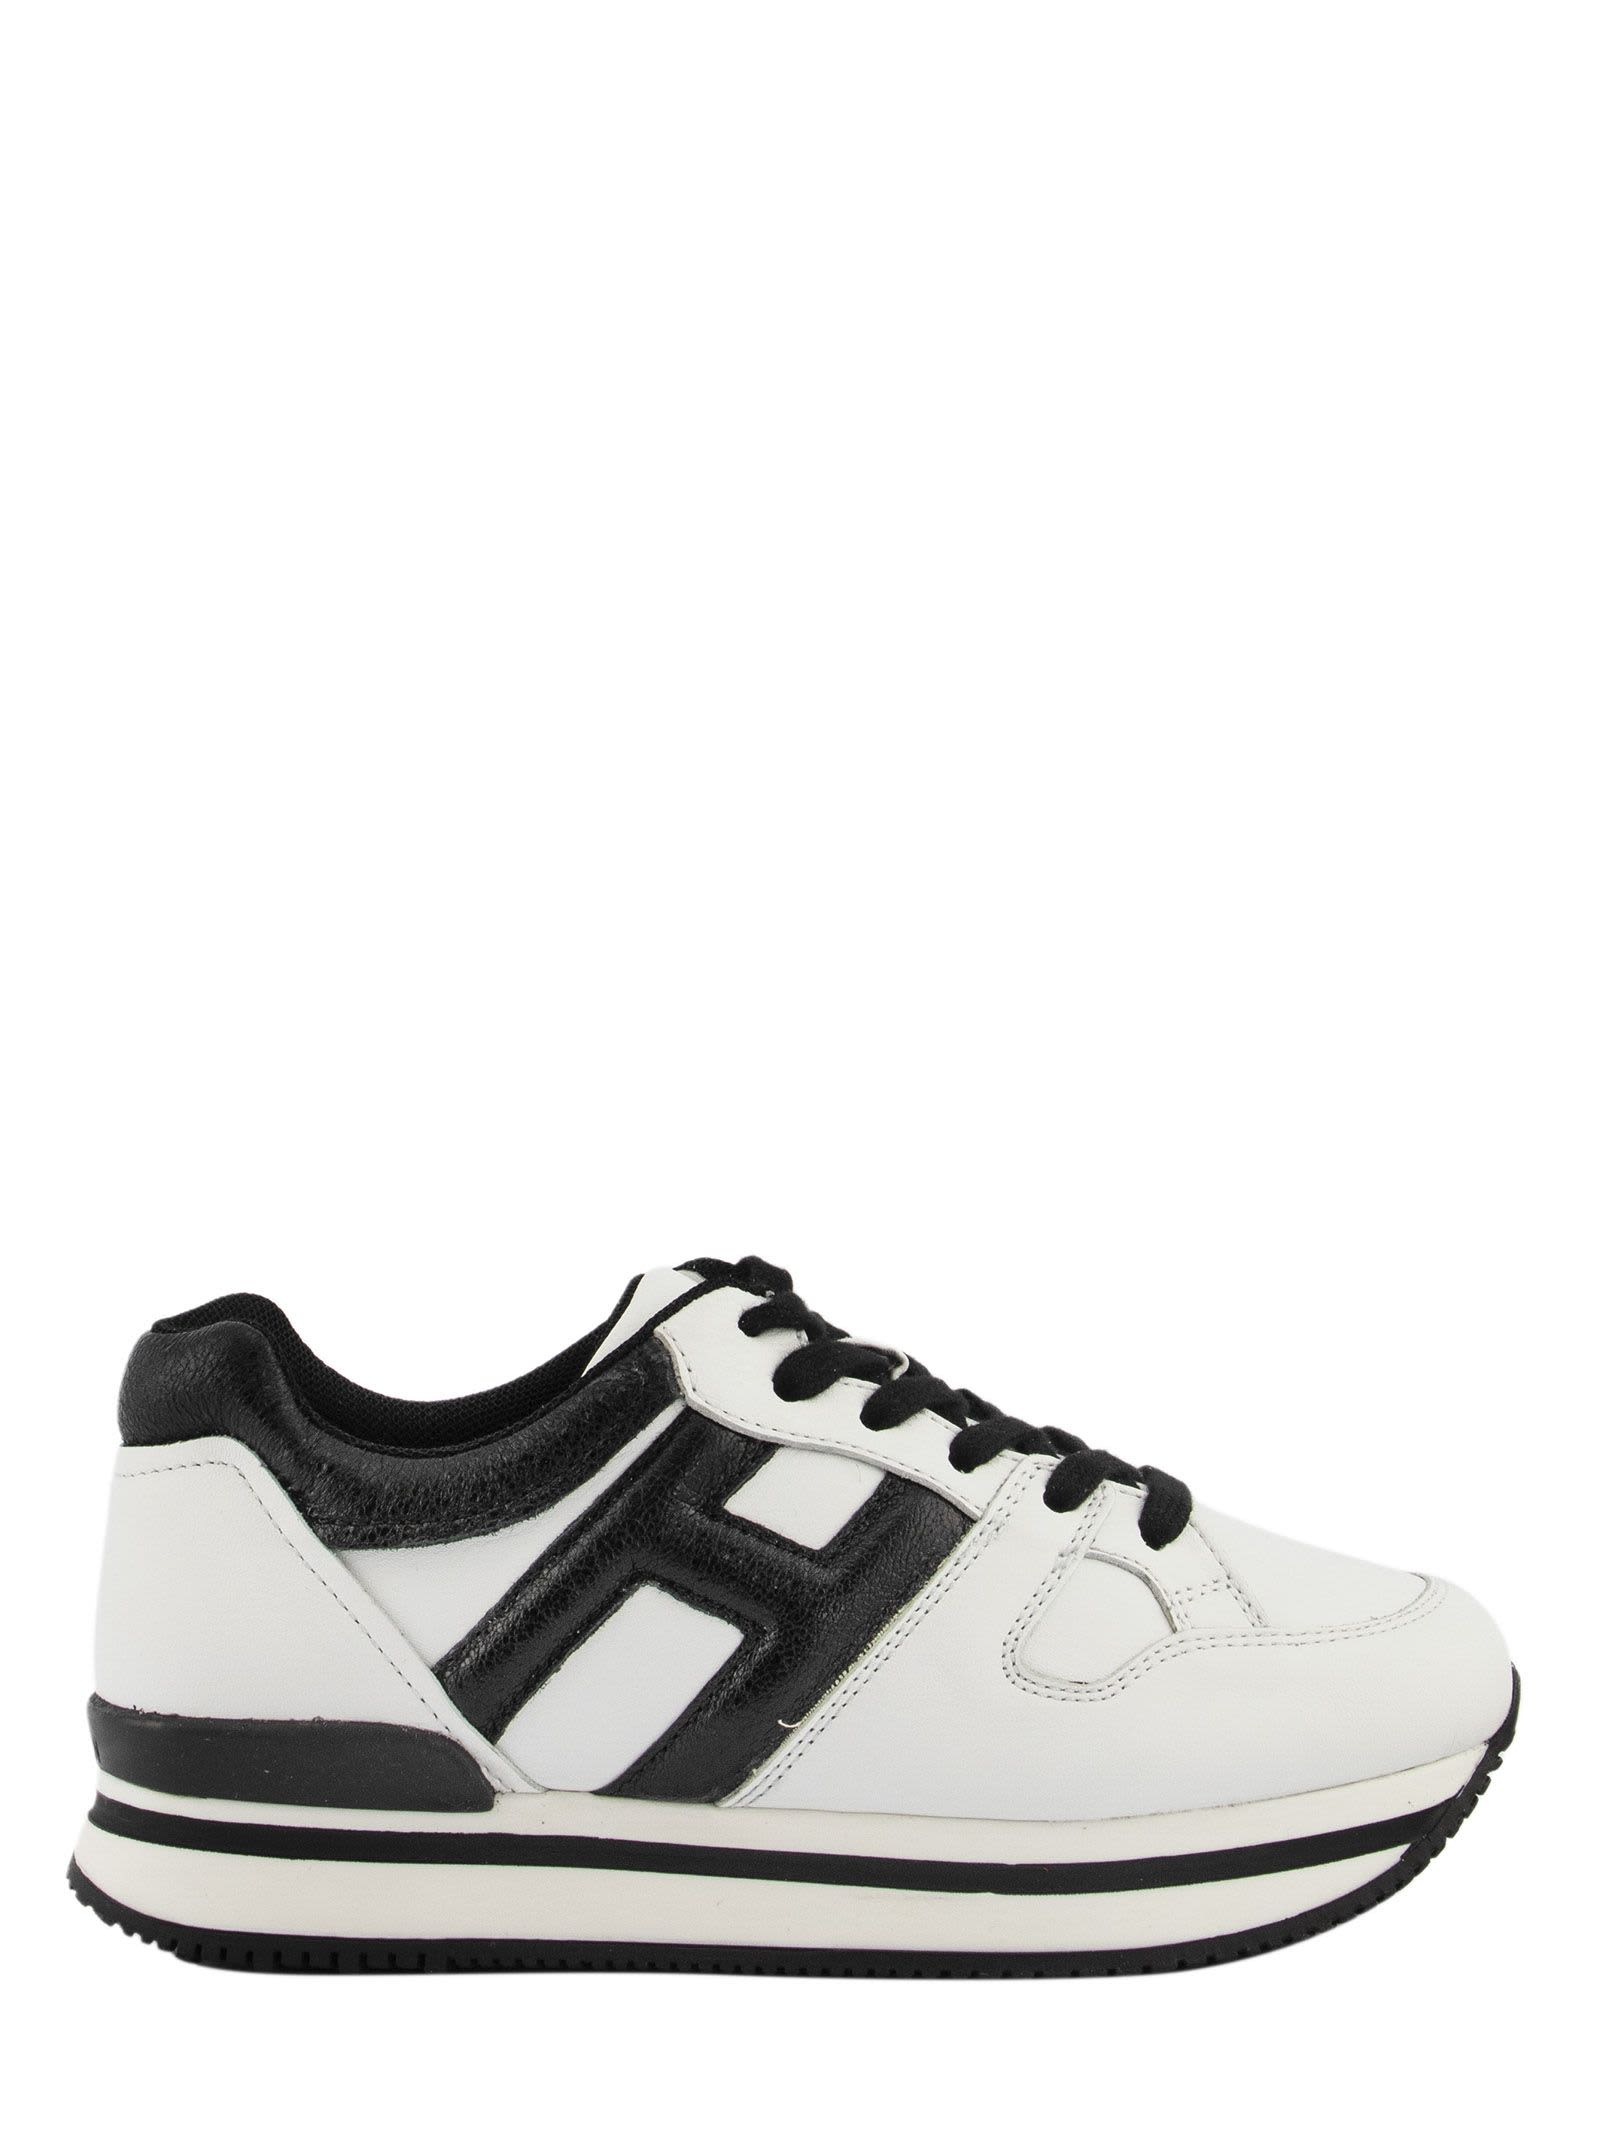 Hogan Kids' Sneakers H222 Black, White In White / Black | ModeSens